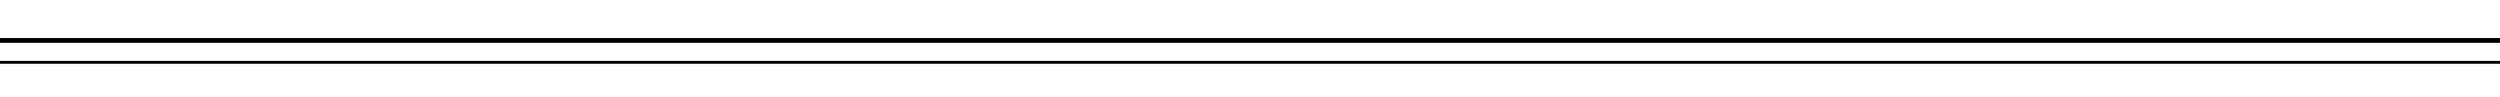 lines3.jpg